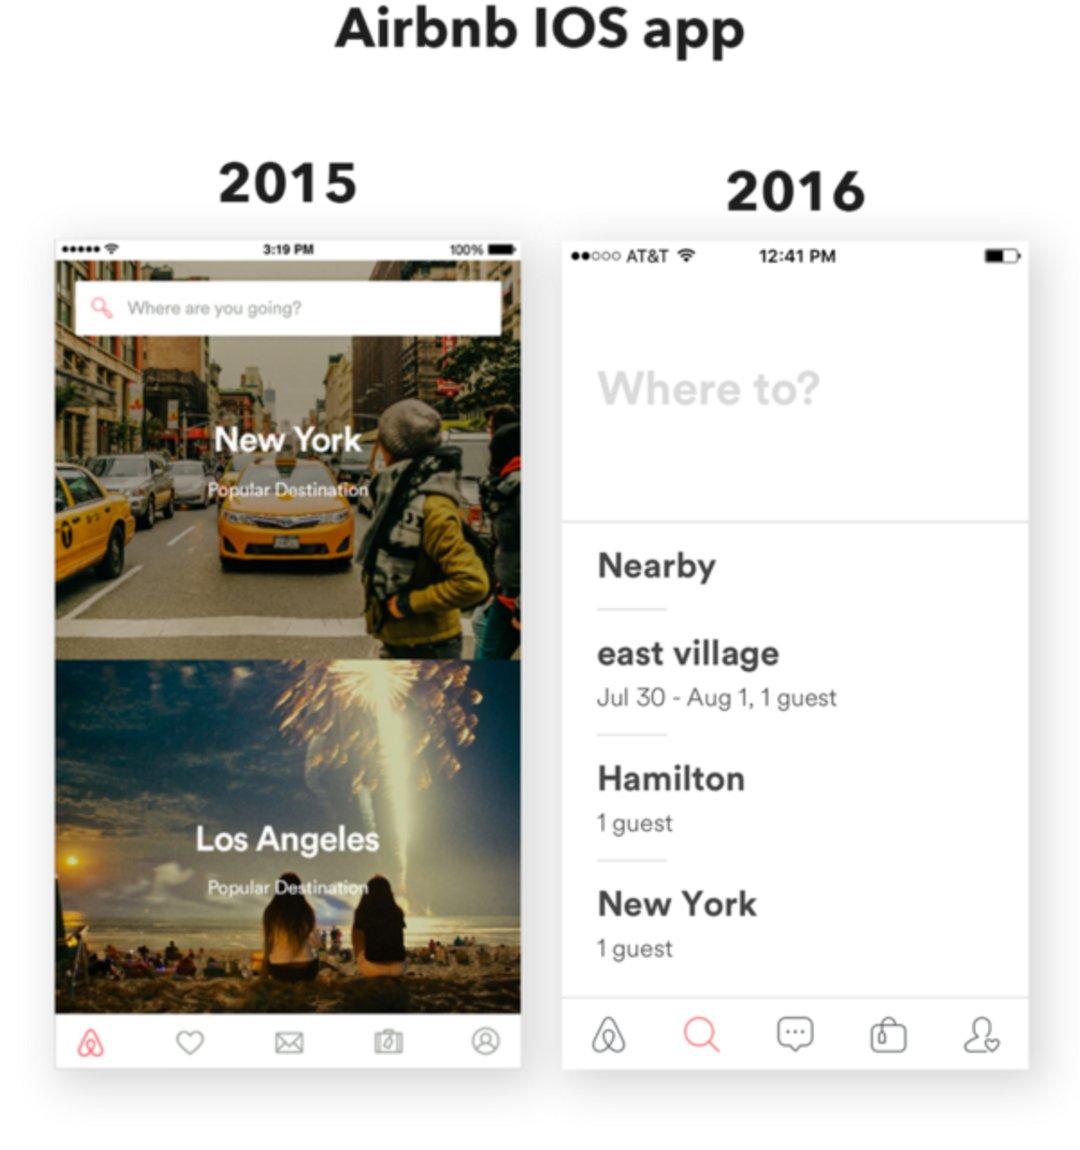 苹果和 Facebook 都在用这种风格设计界面,它叫什么?_设计_好奇心日报